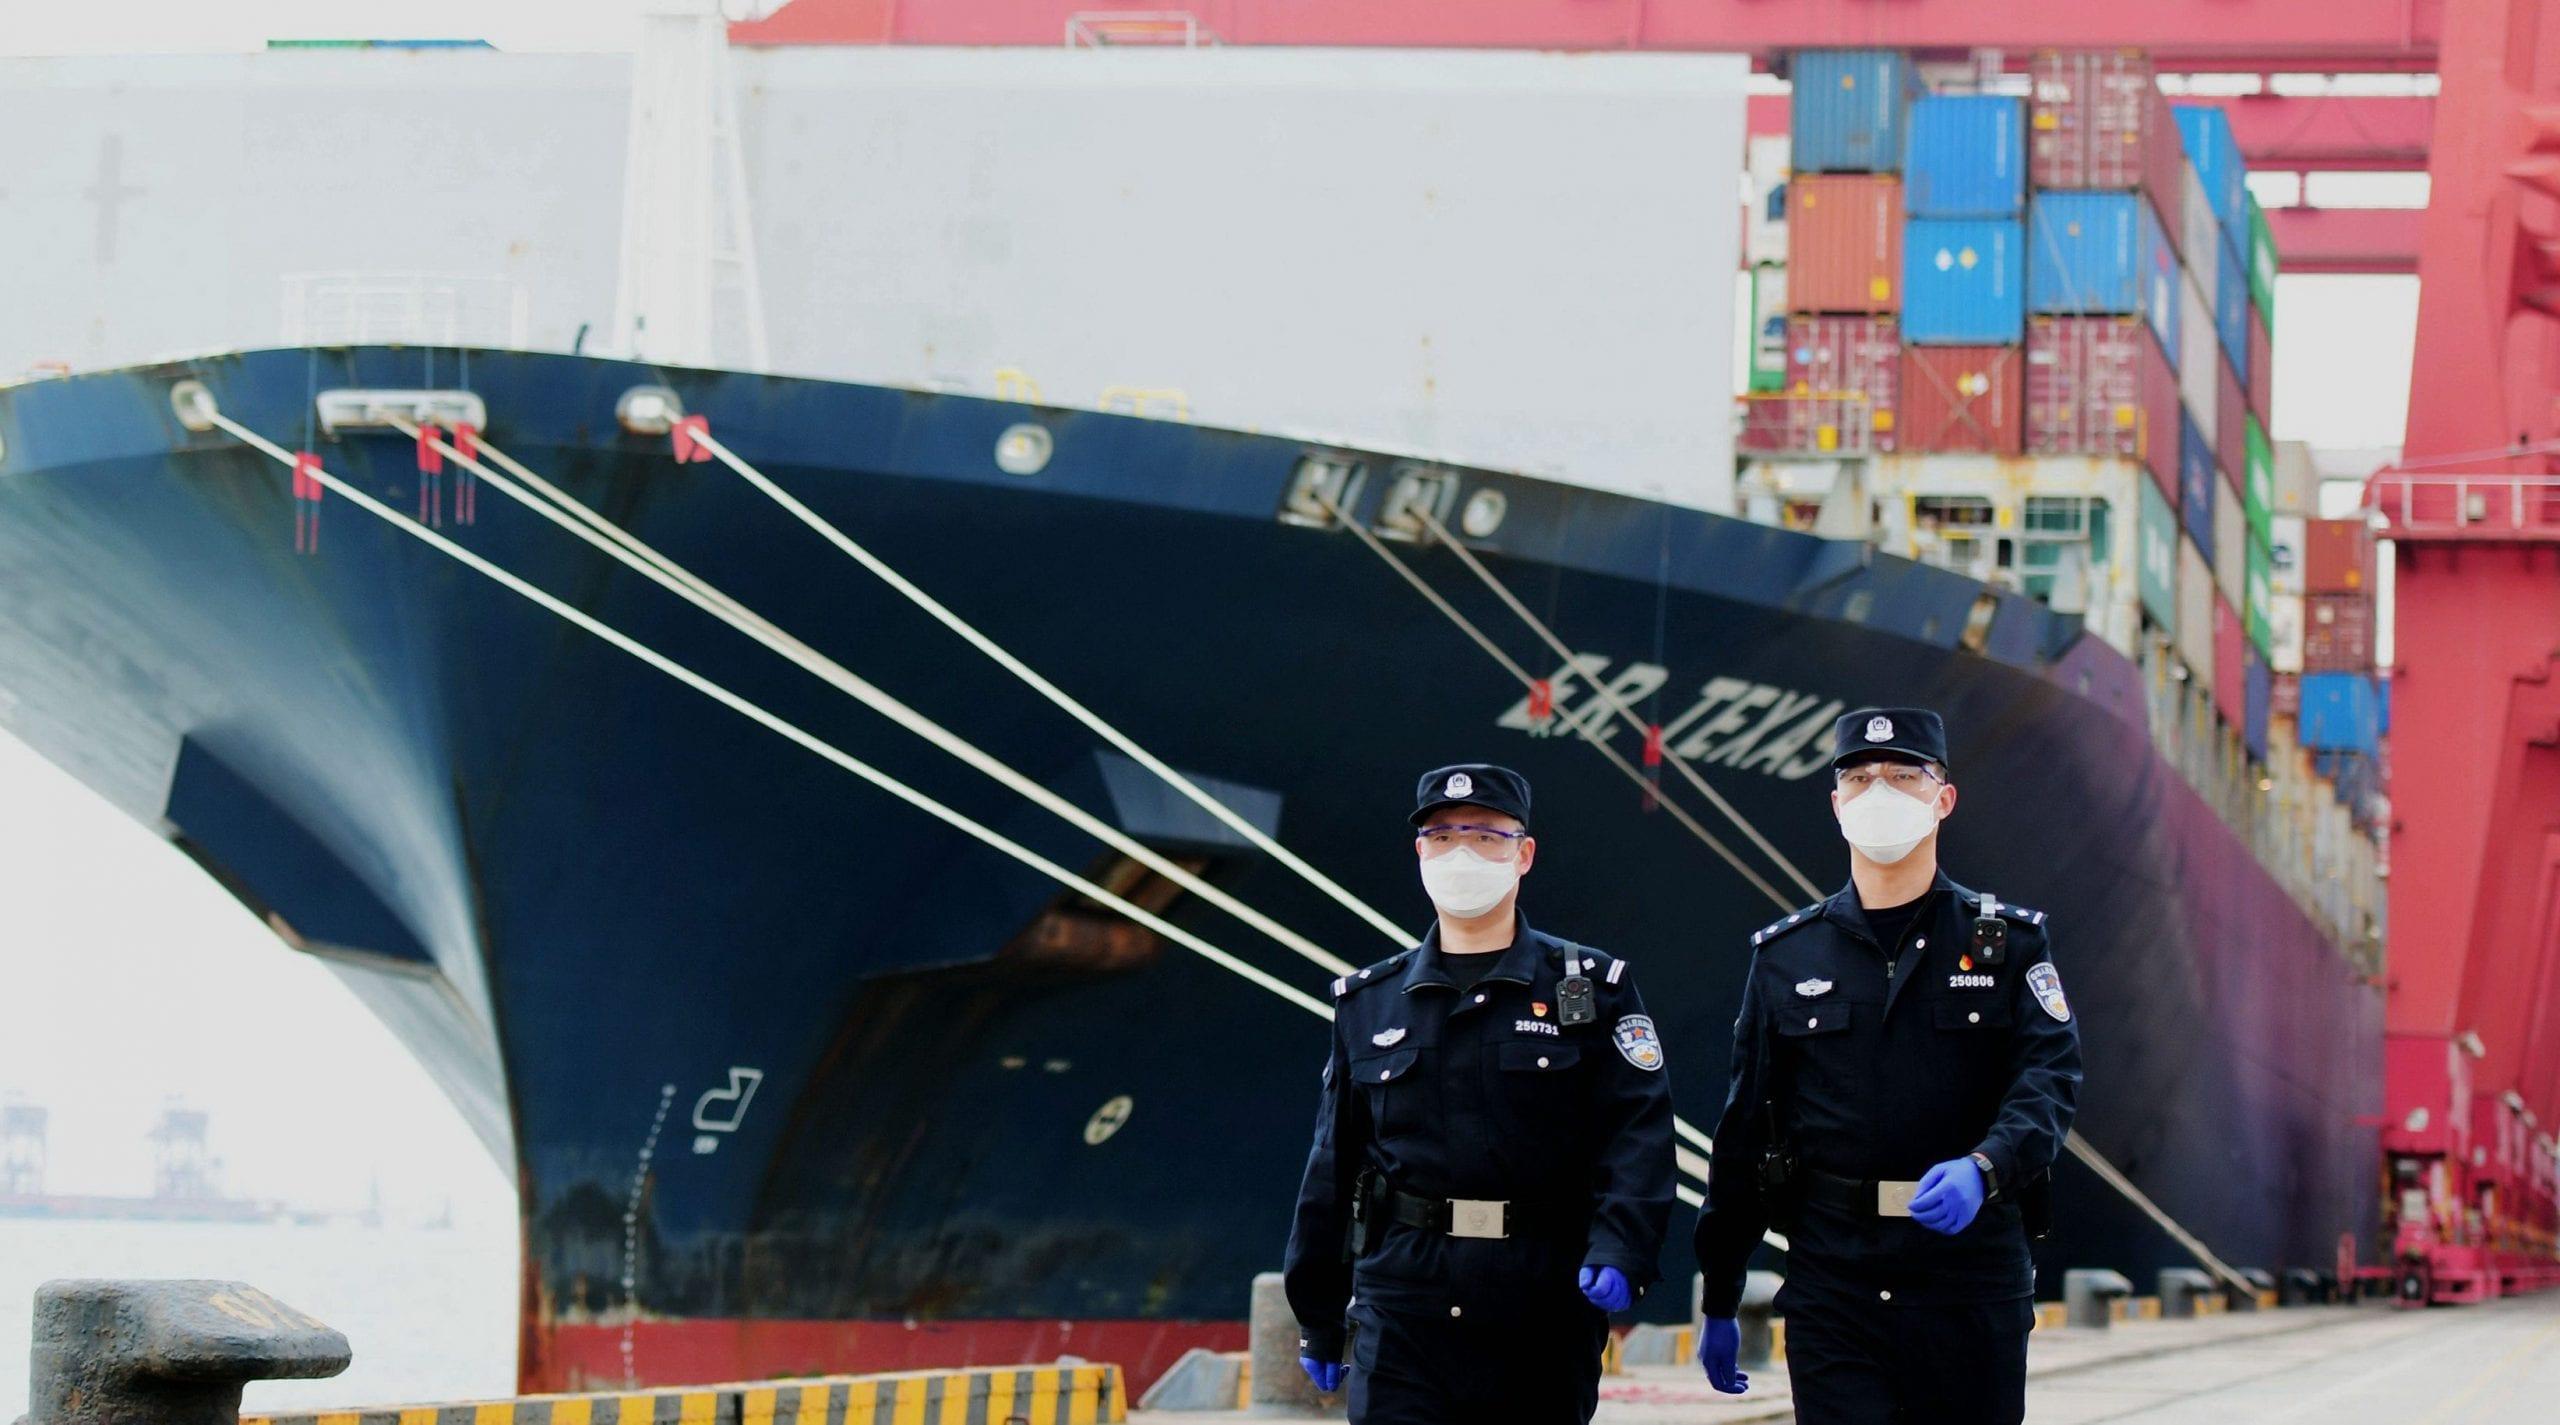 Los contenedores no mienten: reacción de puertos, navieras y cadenas de suministros durante la pandemia